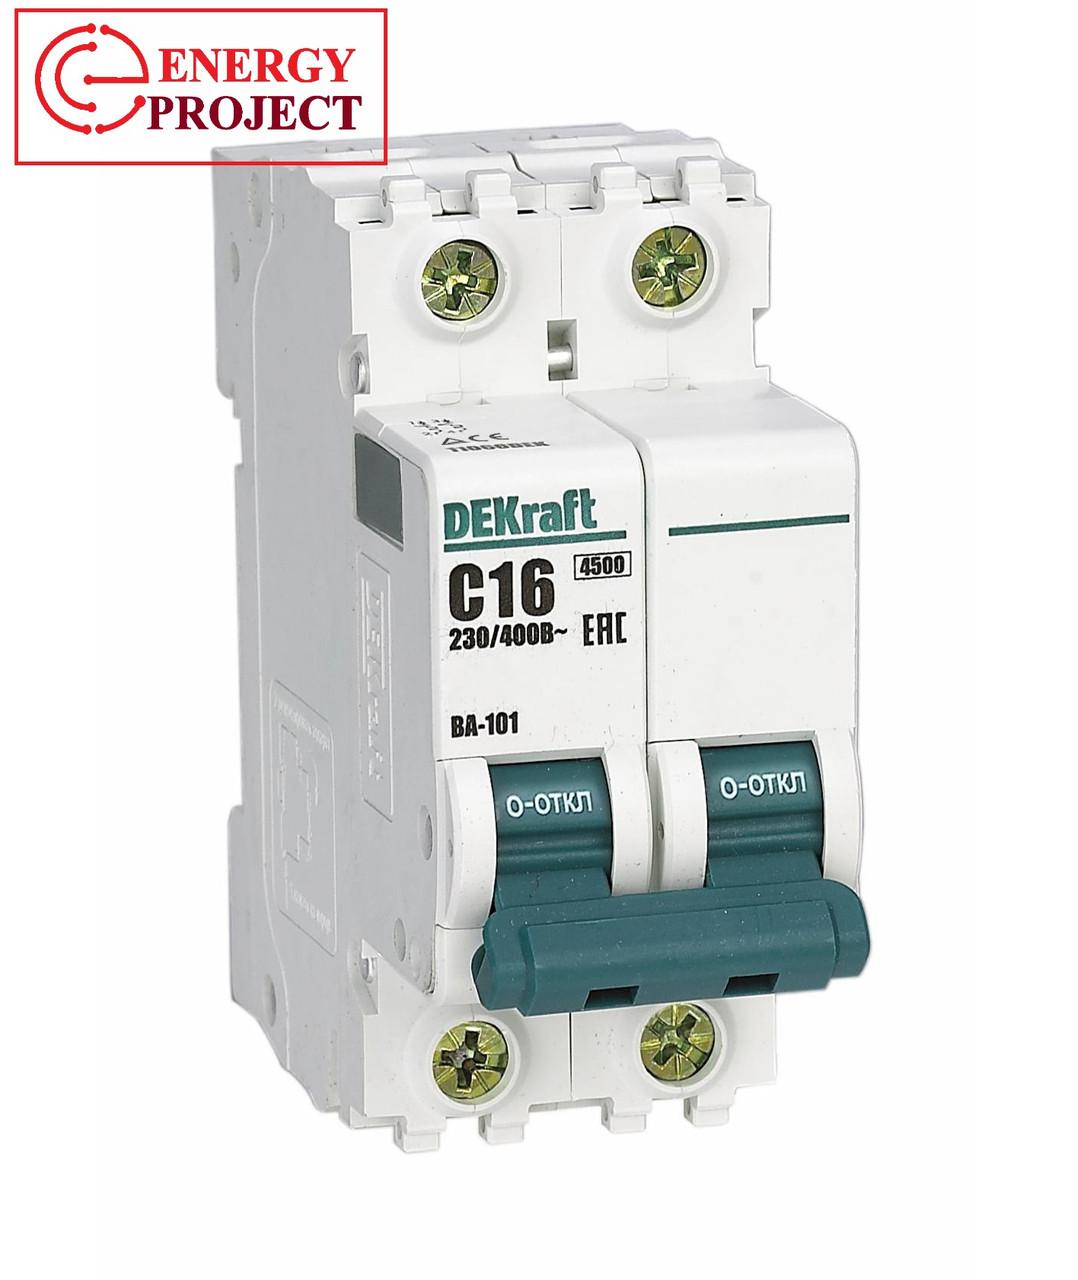 Автоматический выключатель ВА 101 2П 32А(72) Dekraft